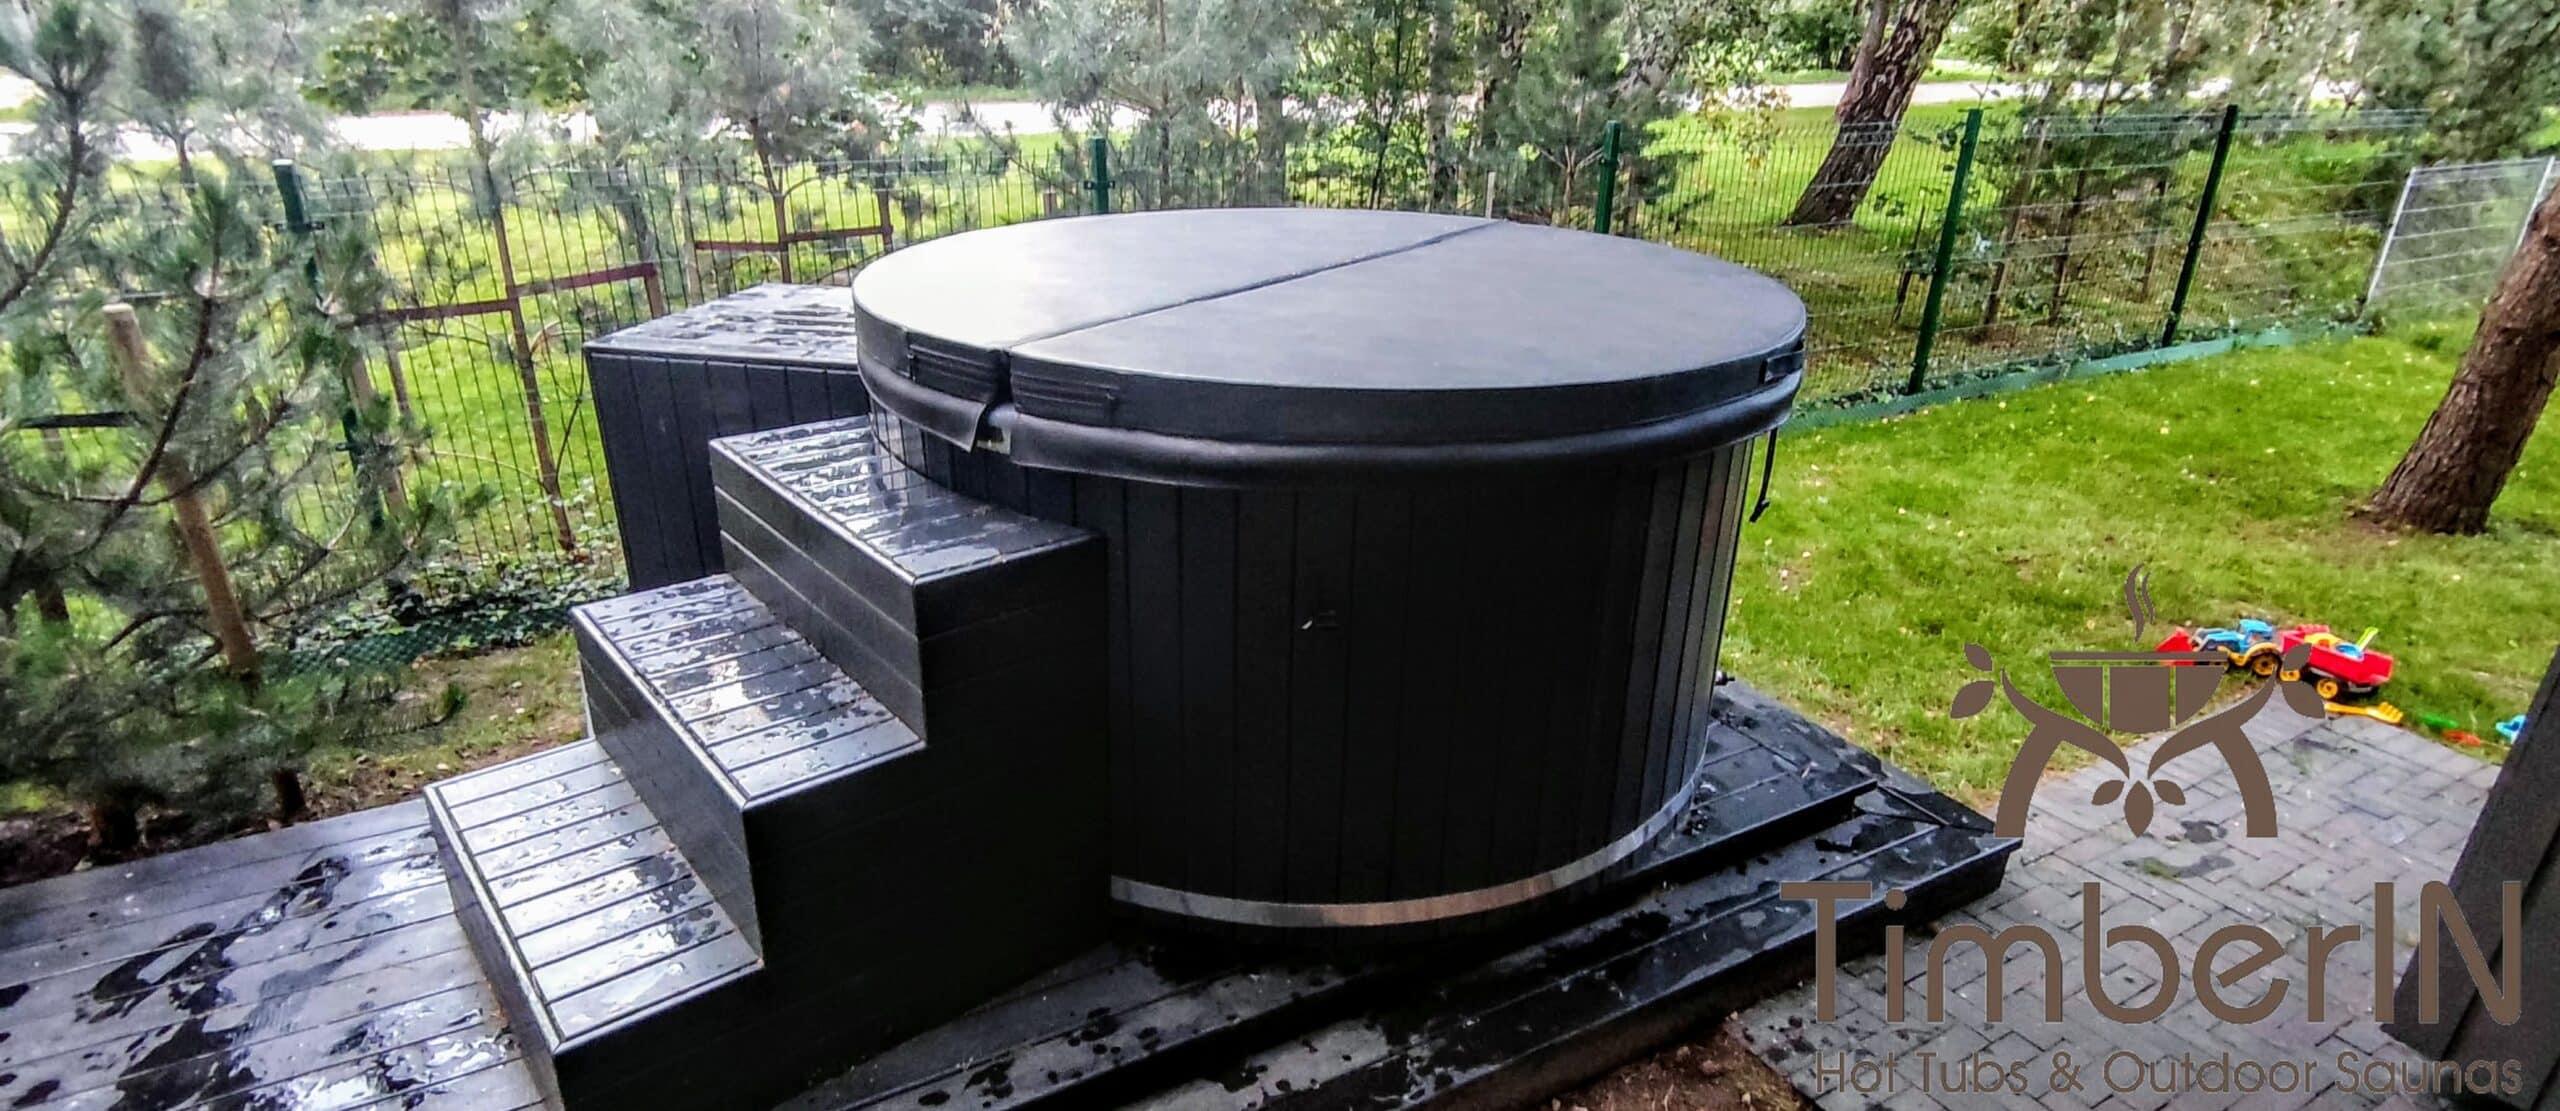 Badezuber elektrisch beheizt mit Elektroheizung 7 scaled